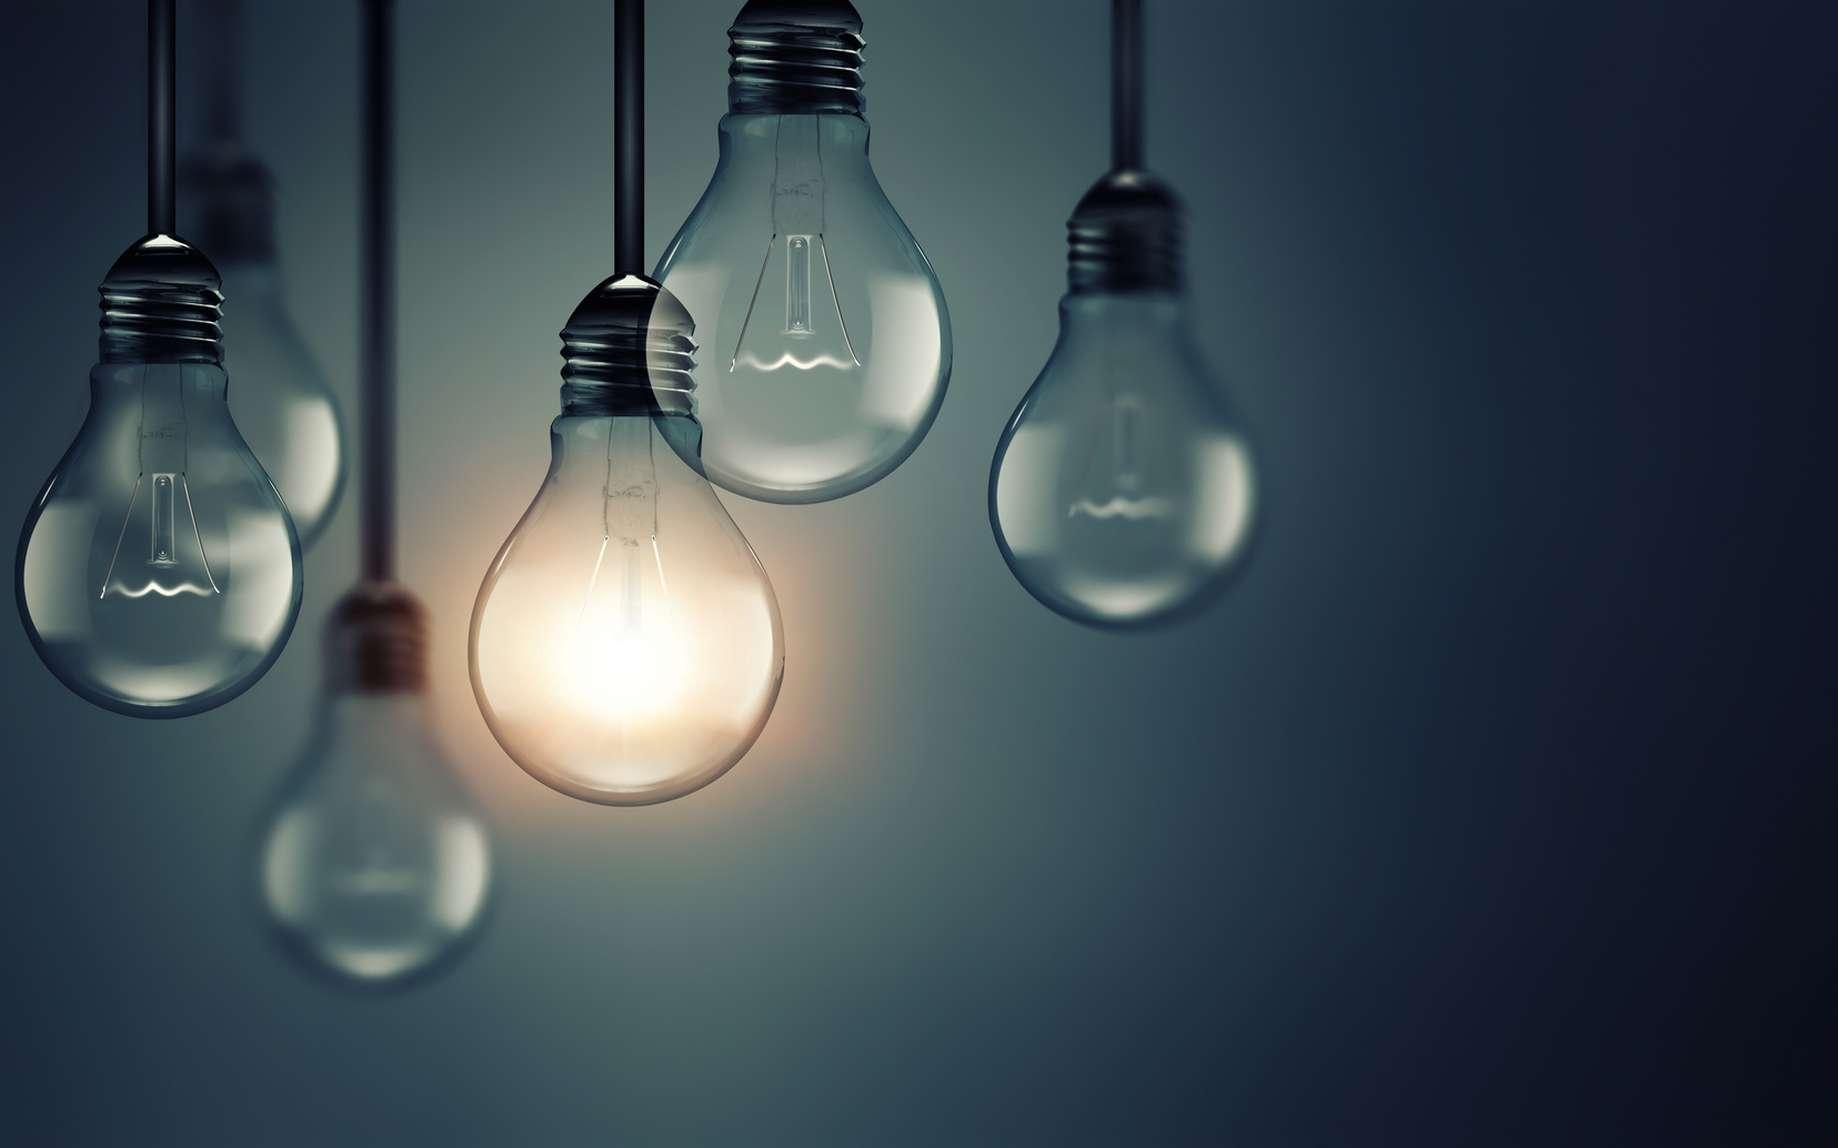 Les ampoules à incandescence exploitent l'effet Joule. Chauffé à plus de 2.200 °C, le filament de tungstène qu'elles contiennent émet en effet un rayonnement. © Noé LECOCQ, Wikipédia, CC by-sa 2.5